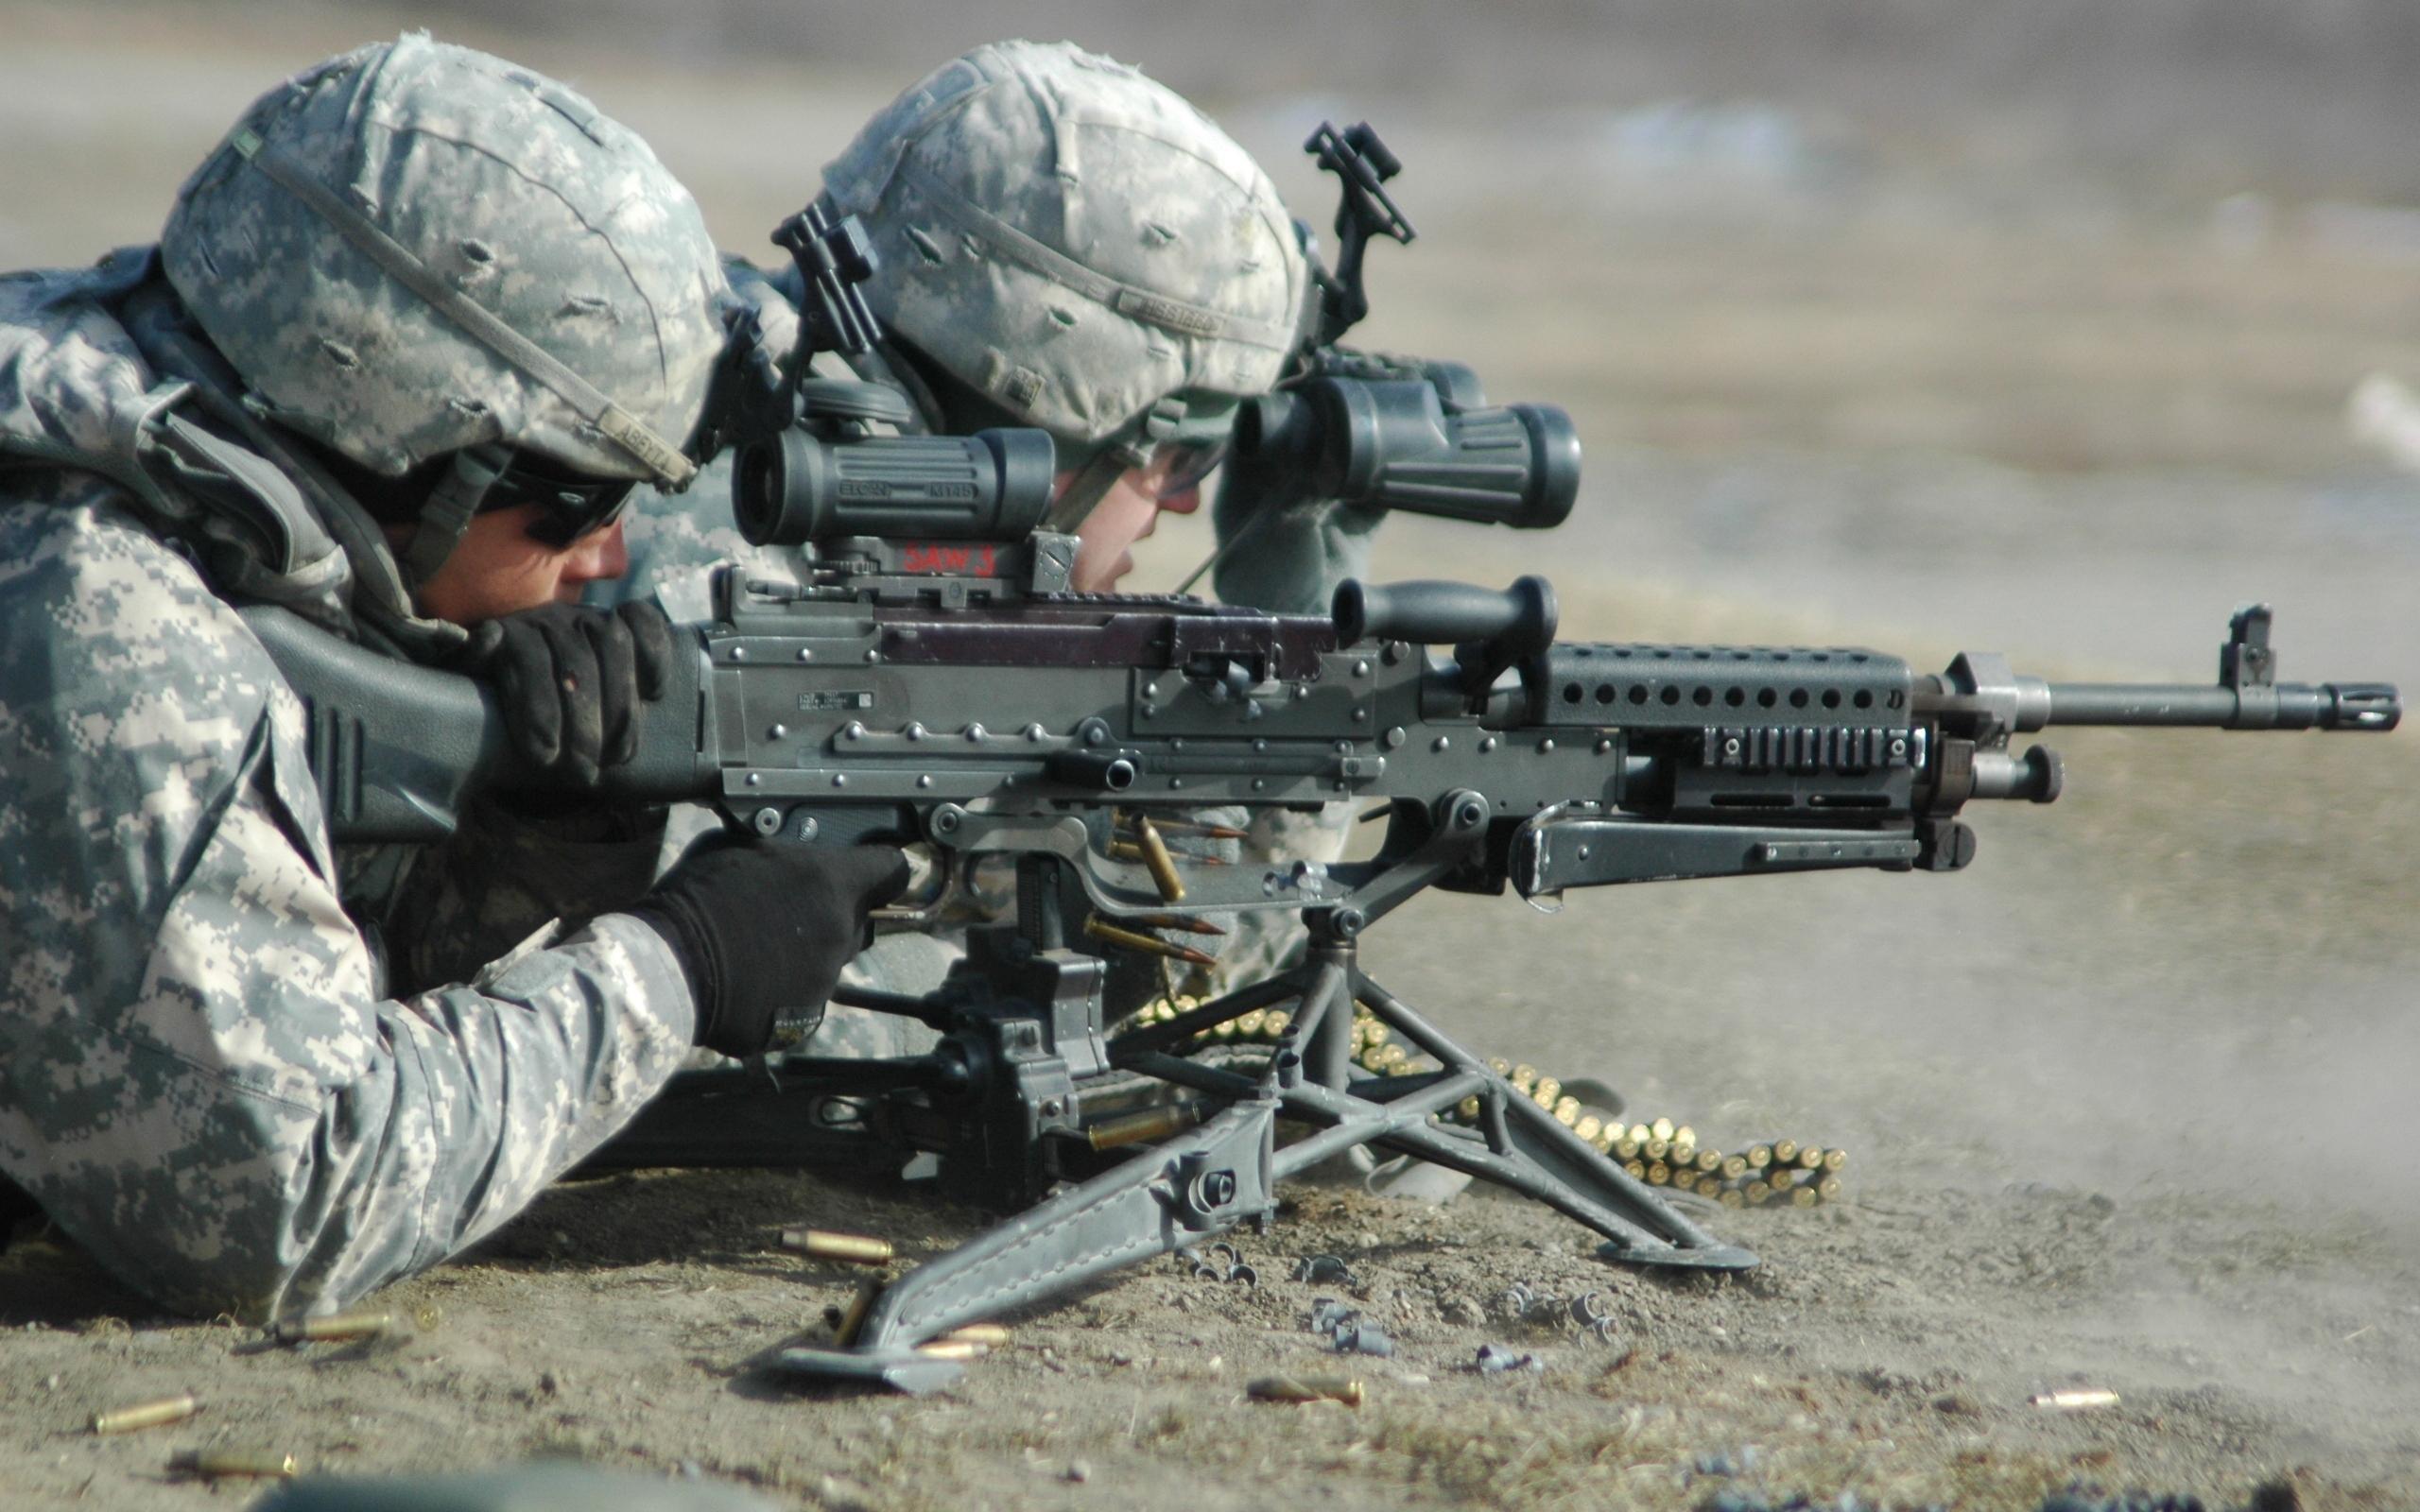 Sniper Rifle Wallpaper I HD Images 2560x1600